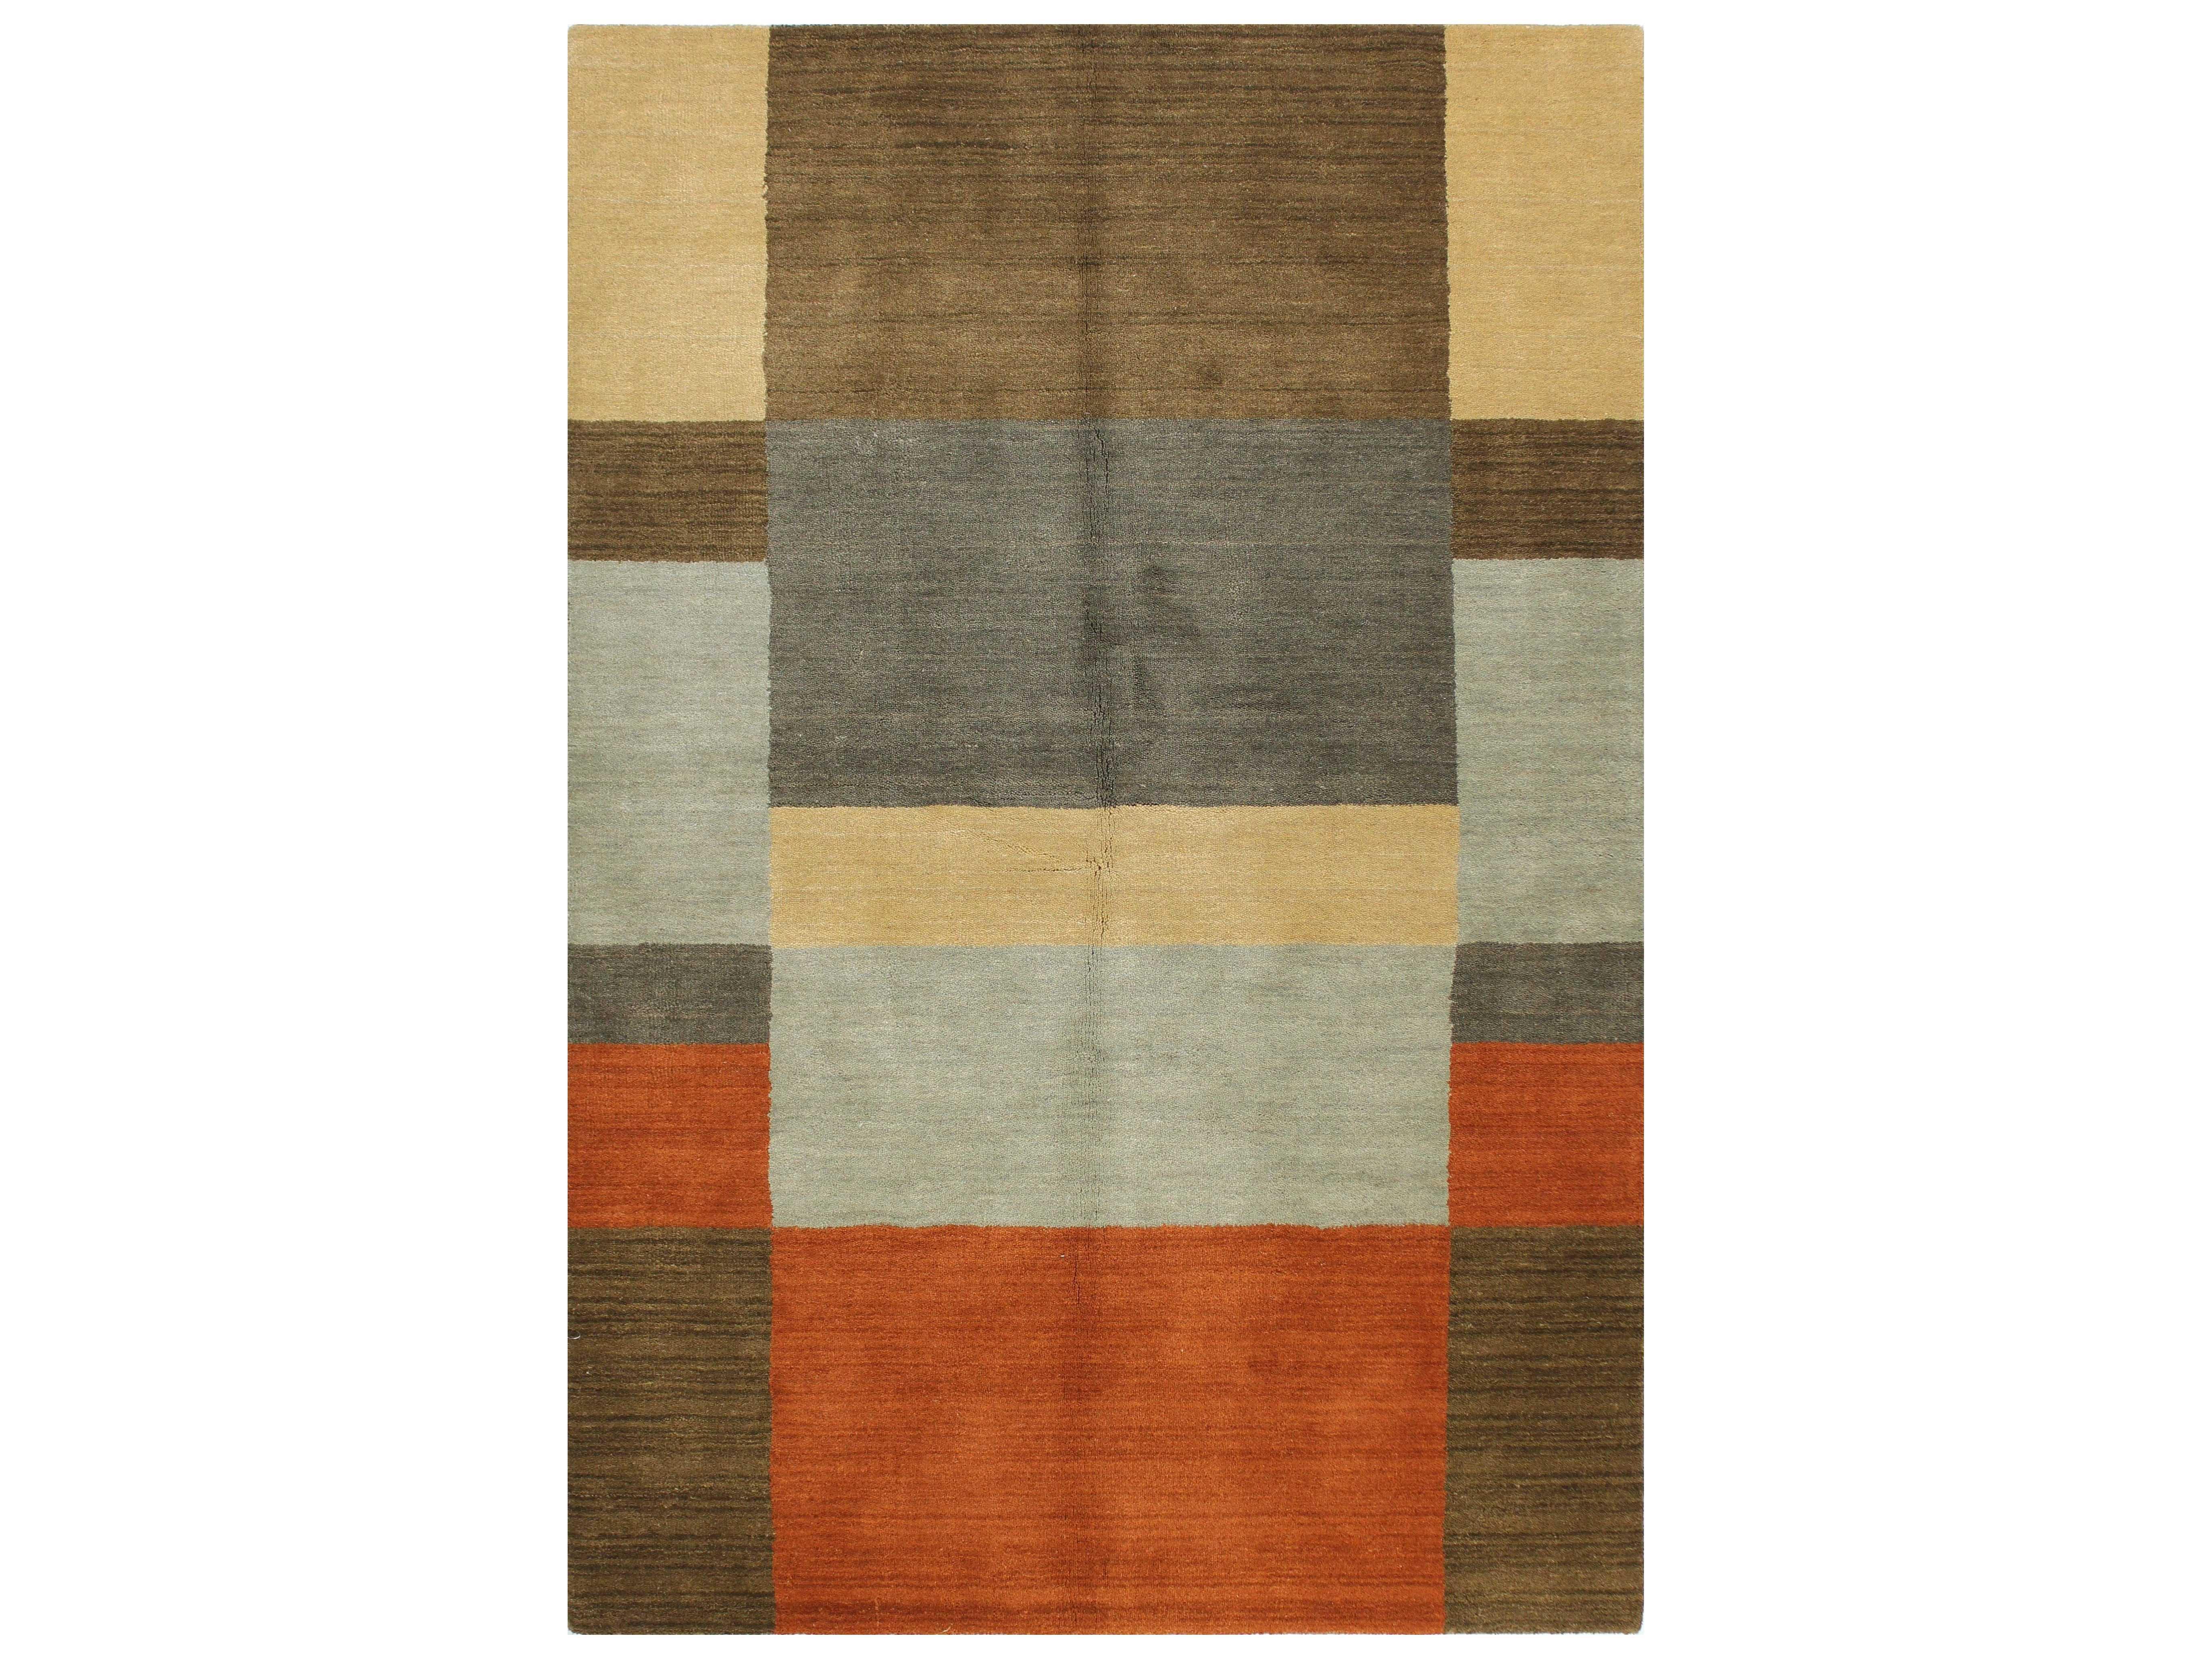 28 contempo rugs la rugs co 222 contempo shaggy multi color